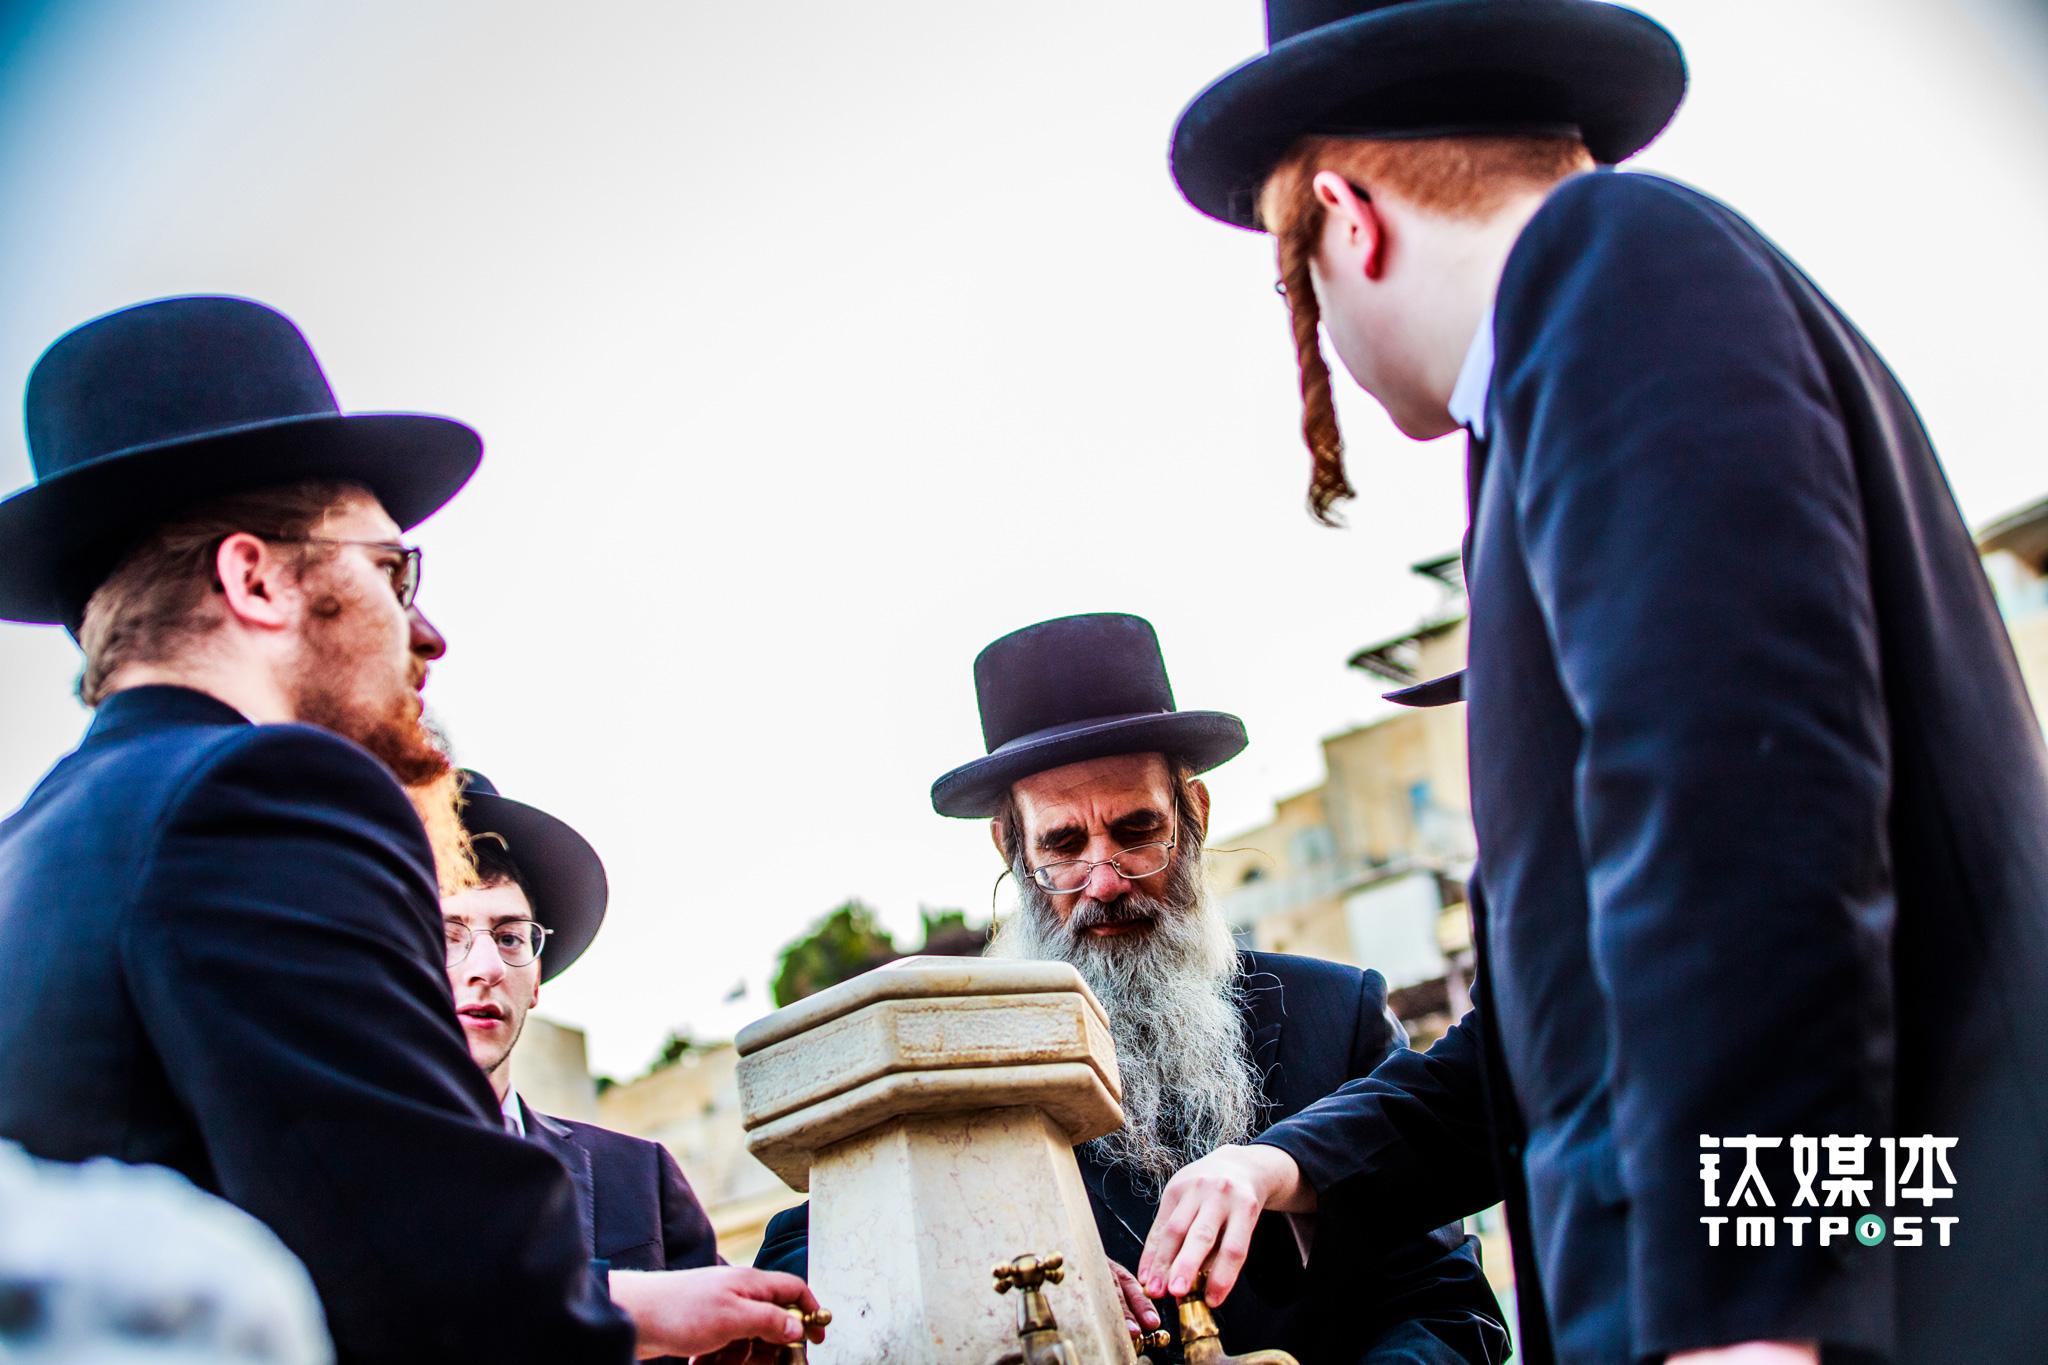 """在耶路撒冷,前来哭墙祷告的犹太教拉比。以色列政府供养了约50万个犹太拉比,专职从事严肃的宗教事业,毕生钻研于犹太教的智慧与知识,并鼓励他们结婚生育。作为犹太民族的精神支柱,这些拉比以传教作为终生事业,成为犹太教里的""""智者"""",熟知犹太教典籍,解答犹太人的宗教和生活问题。(图/朱玲玉)"""